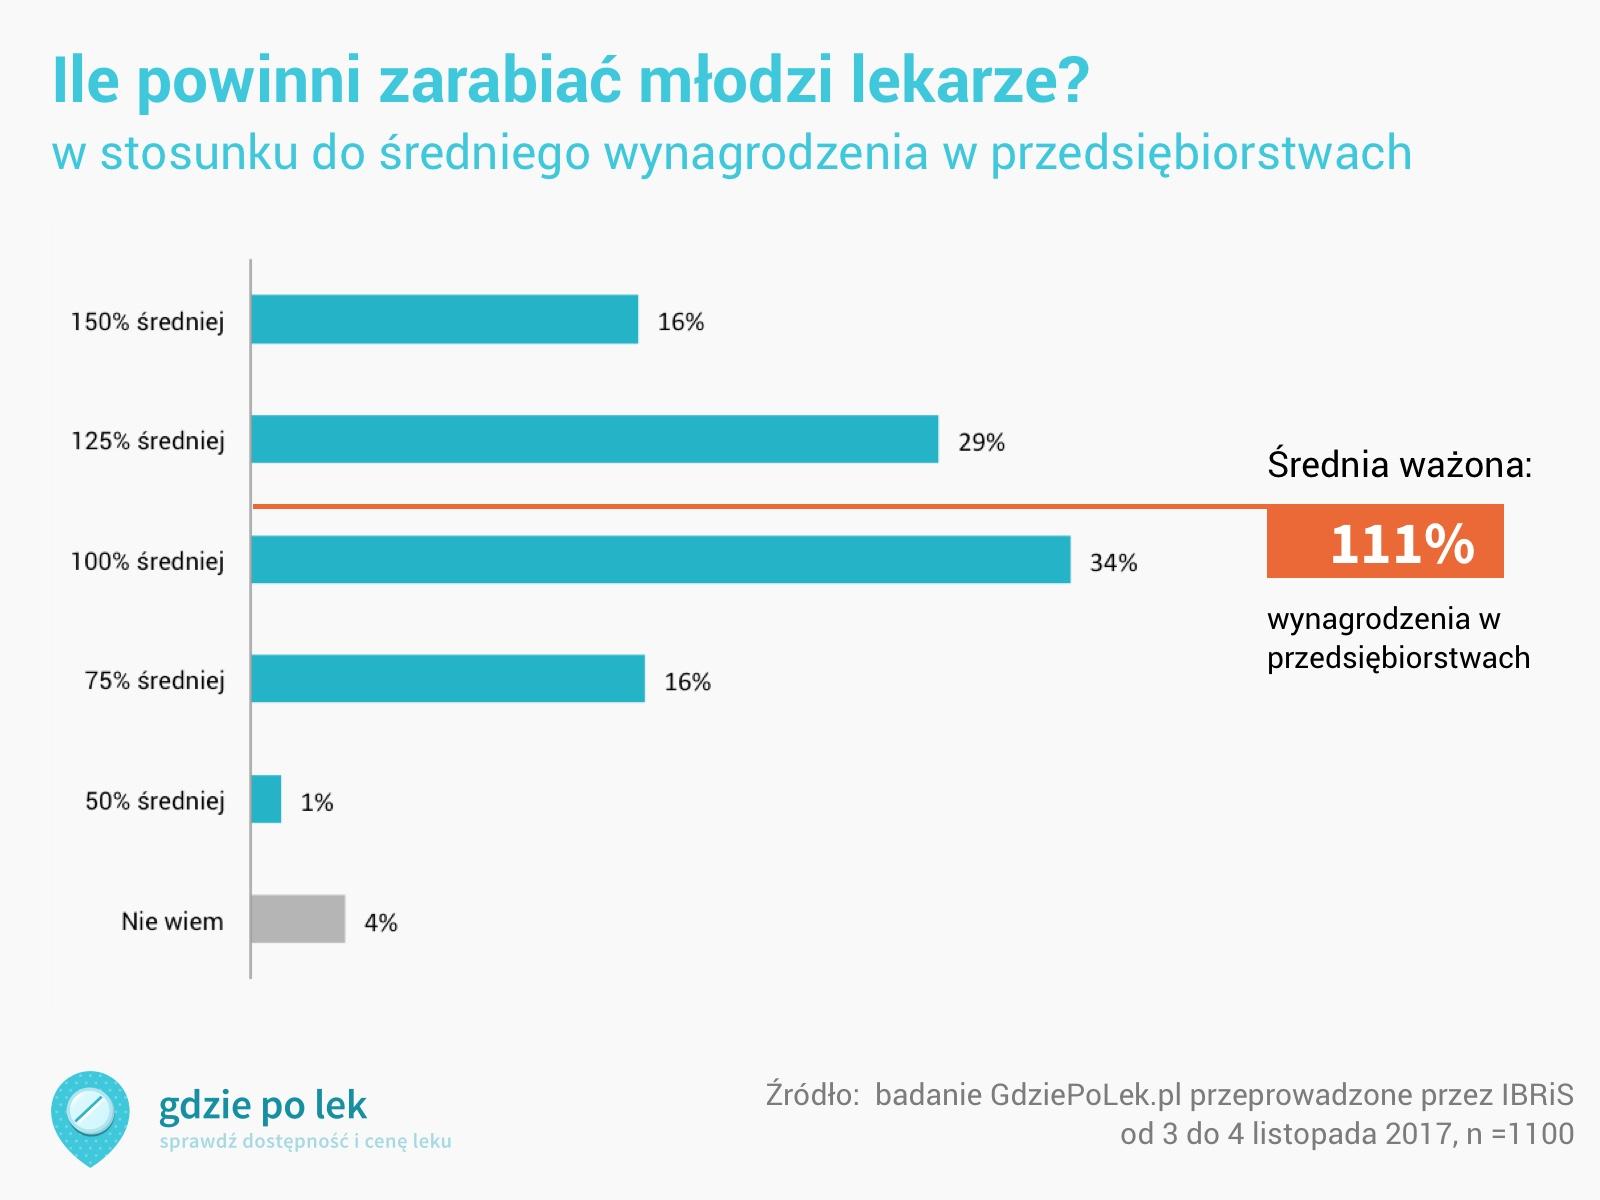 Ile powinni zarabiać młodzi lekarze, zarobki w stosunku do średniego wynagrodzenia w przedsiębiorstwach; średnia ważona odpowiedzi 111%, 79% wybrało 1 średnię krajową lub więcej